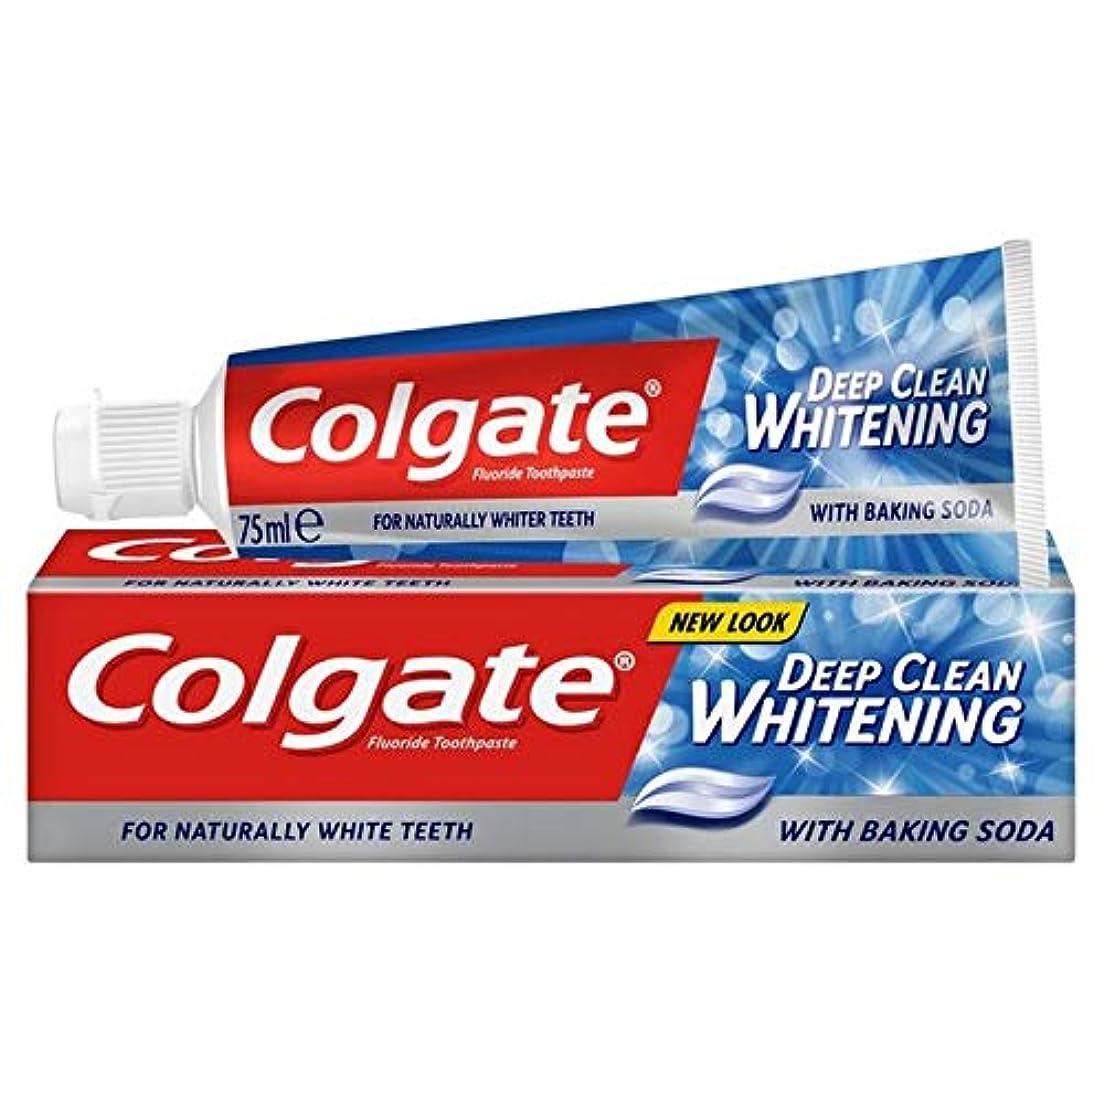 同一のロッカー冒険者[Colgate ] コルゲート深いクリーンホワイトニング歯磨き粉75ミリリットル - Colgate Deep Clean Whitening Toothpaste 75ml [並行輸入品]